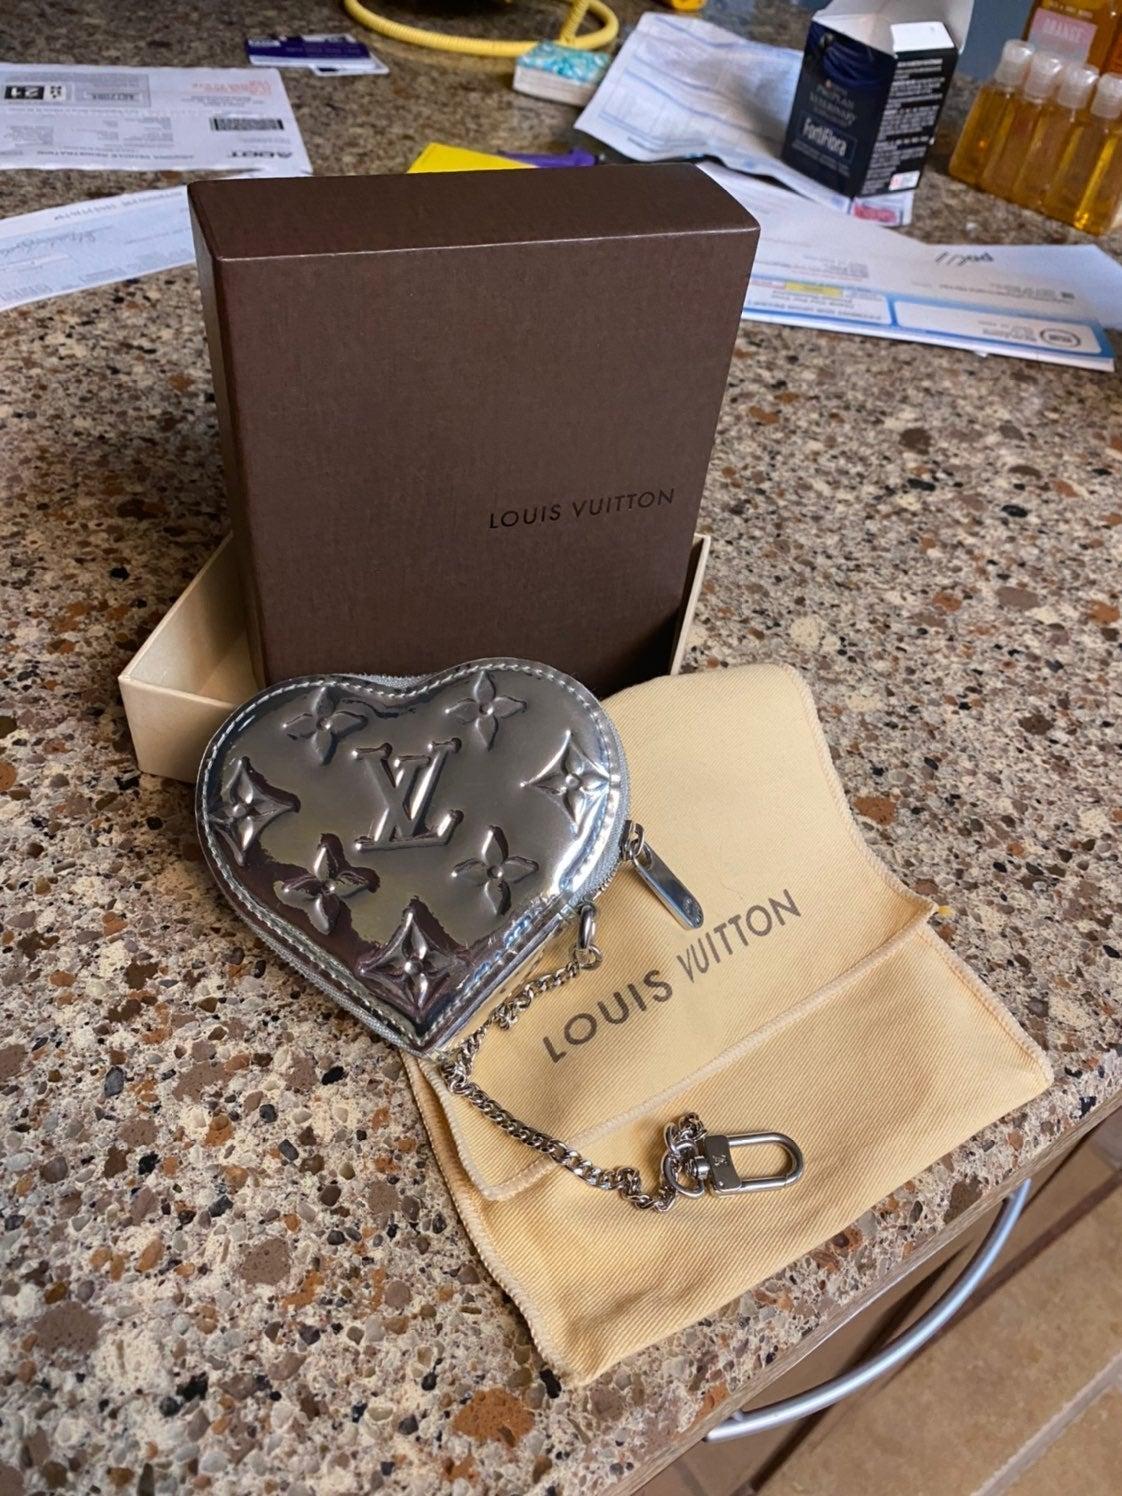 EUC Louis Vuitton heart coin purse miroi